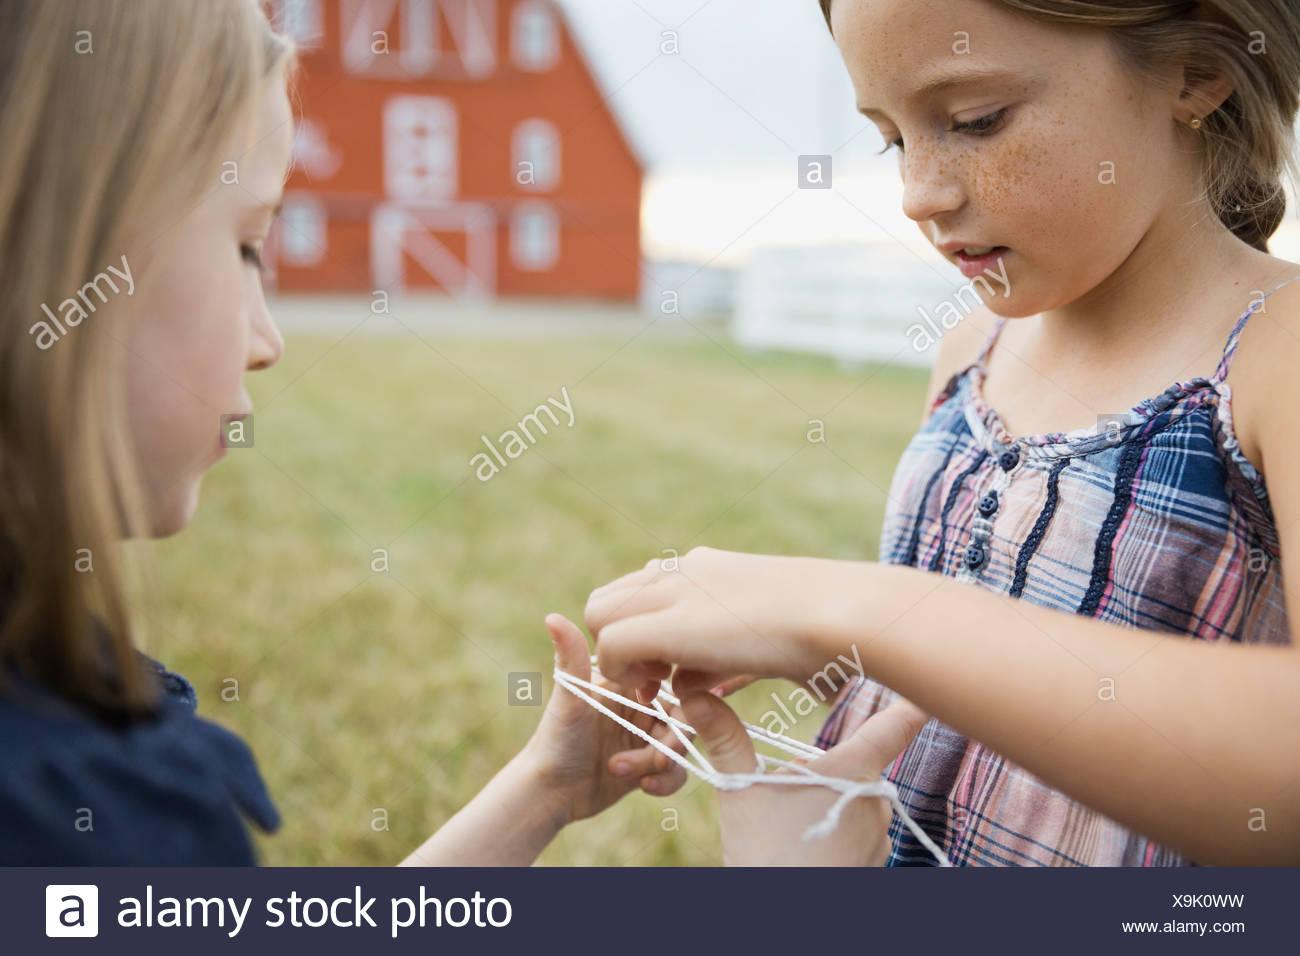 Niñas jugando castcradle afuera Imagen De Stock